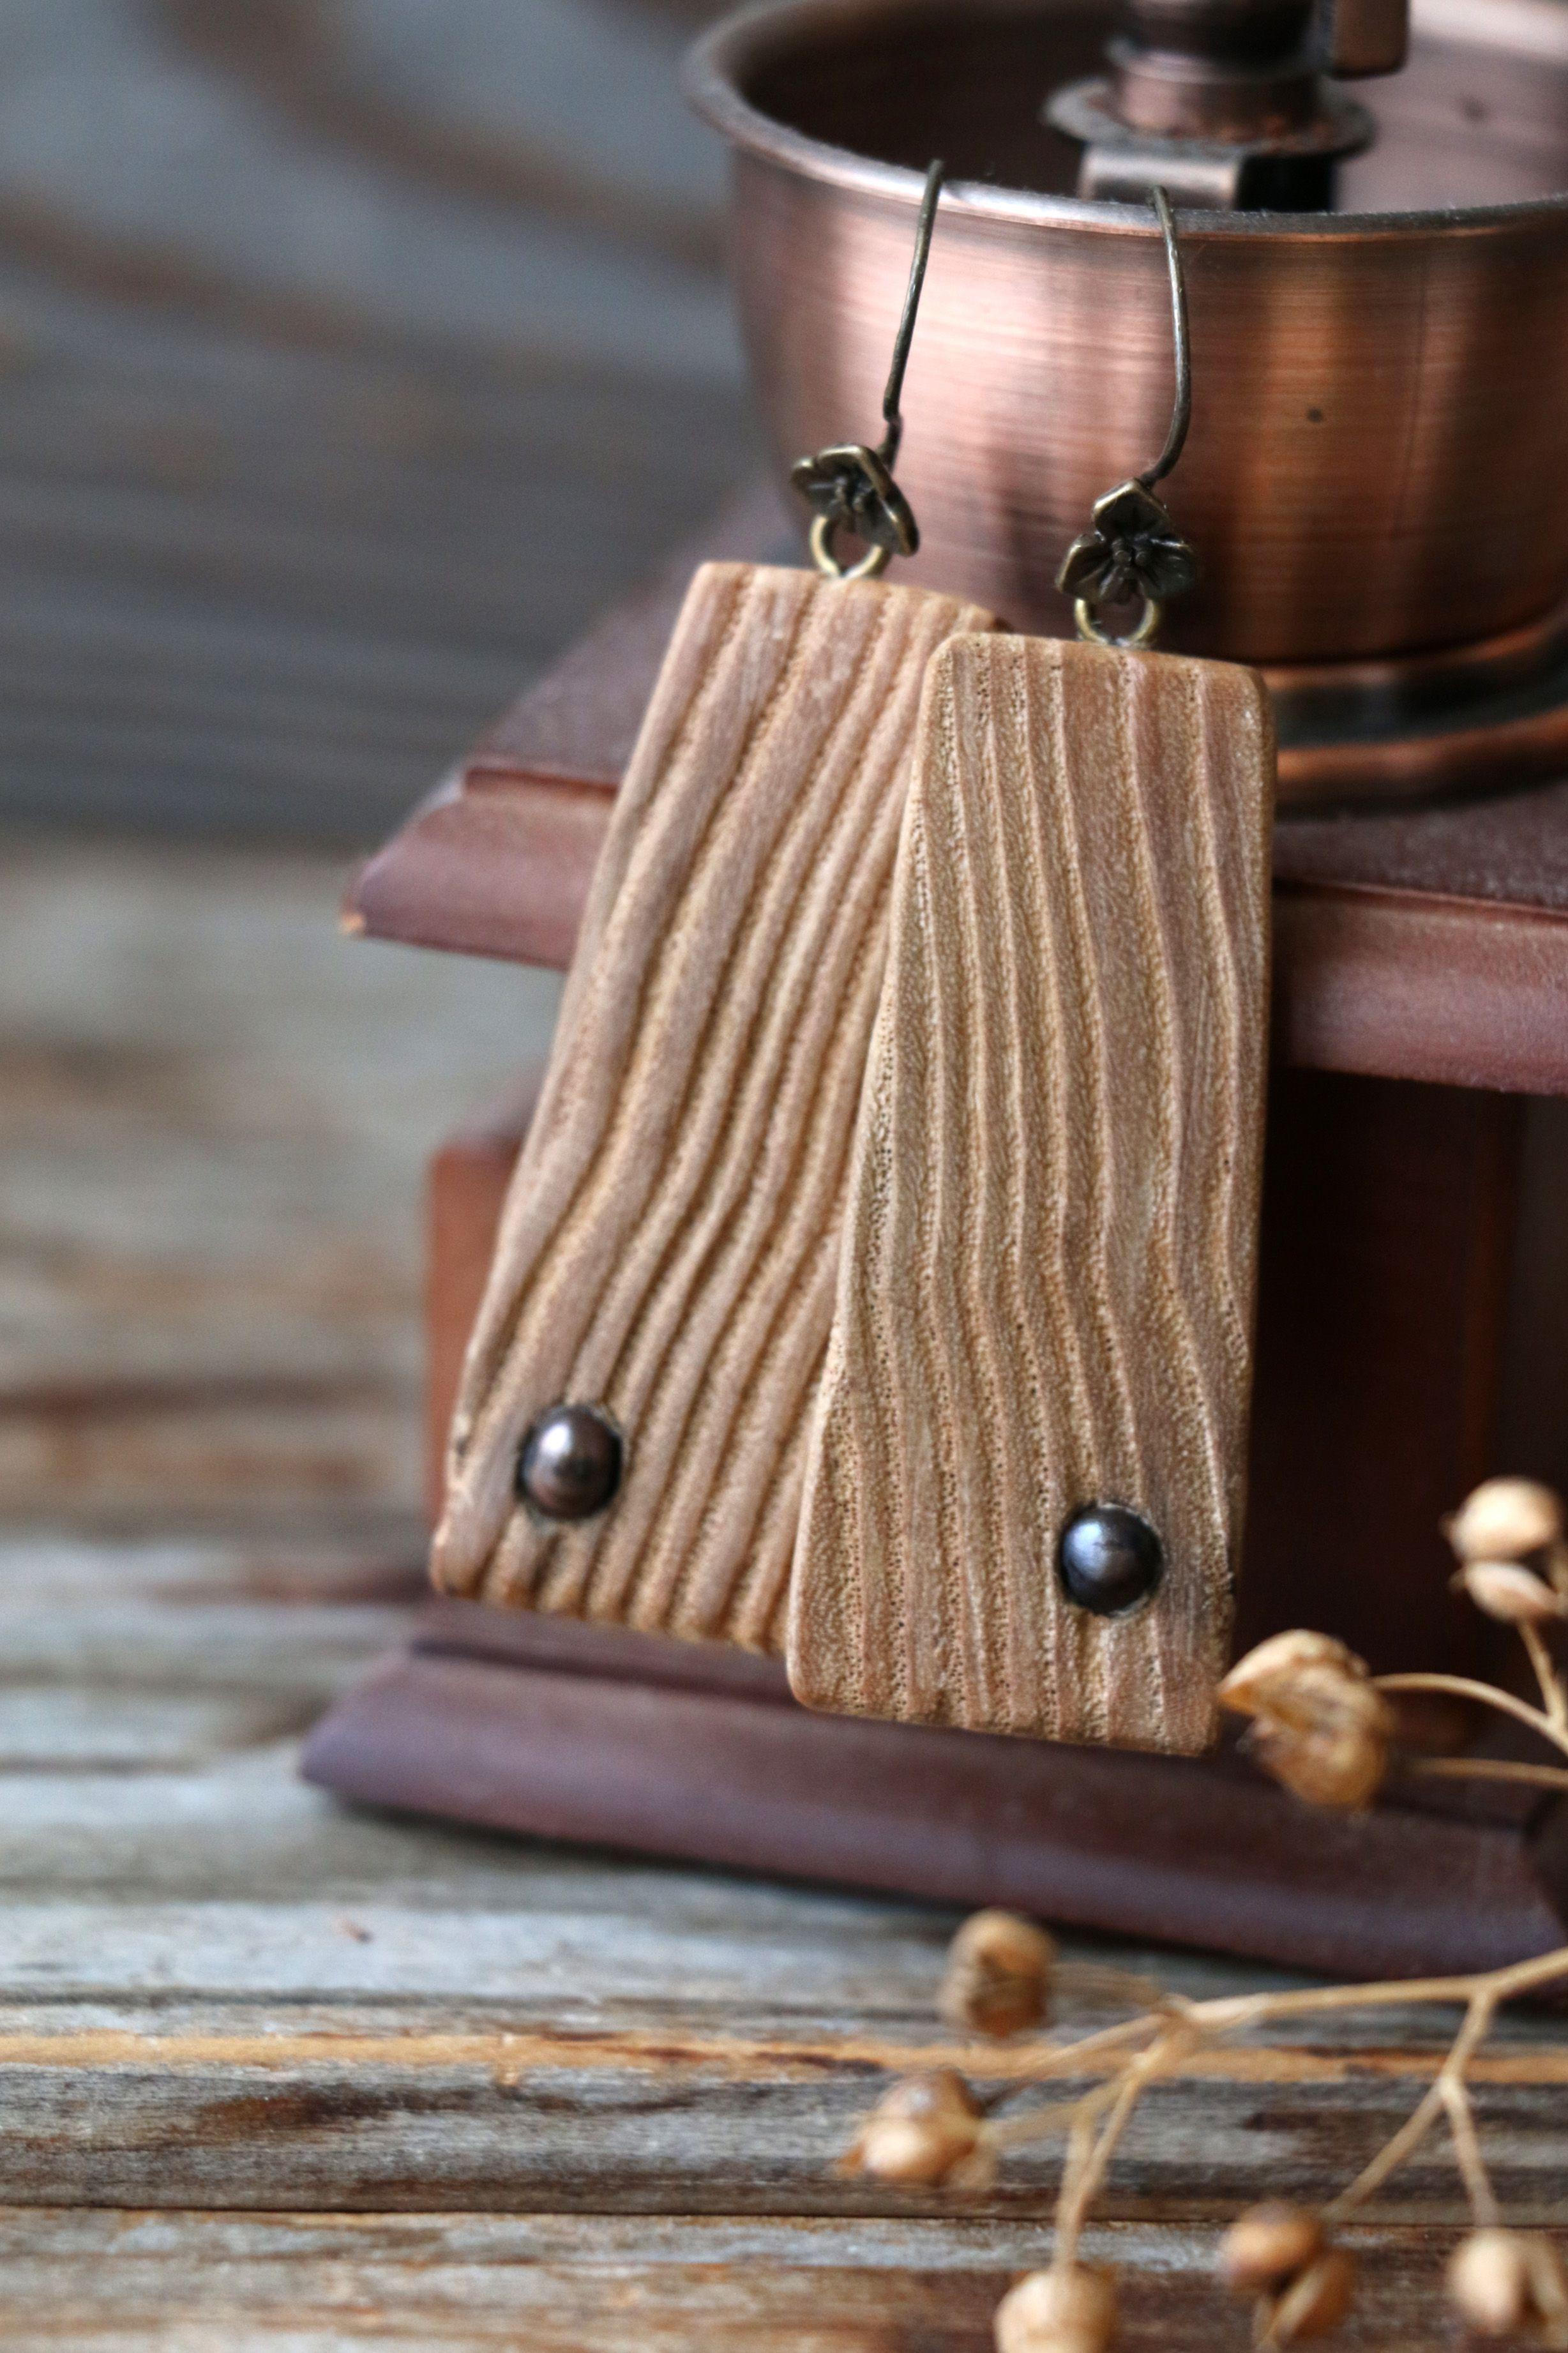 волнистая фактура бохо серьги жемчуг цвет украшение черный дерева деревянные крупные авторские шоколада молочного структура